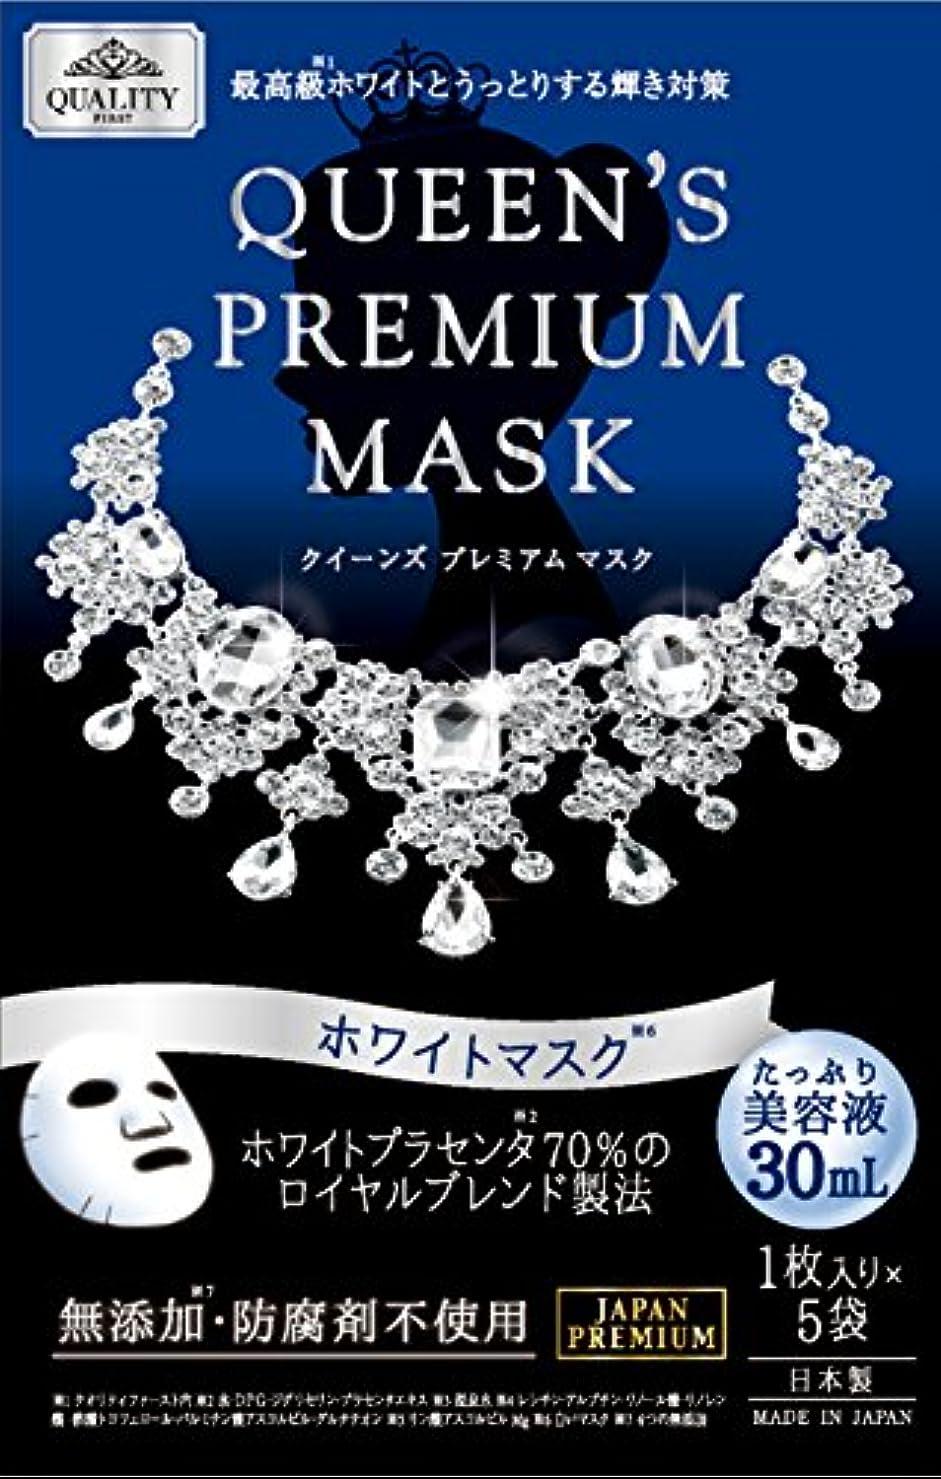 条件付きお金更新クイーンズプレミアムマスク ホワイトマスク 5枚入